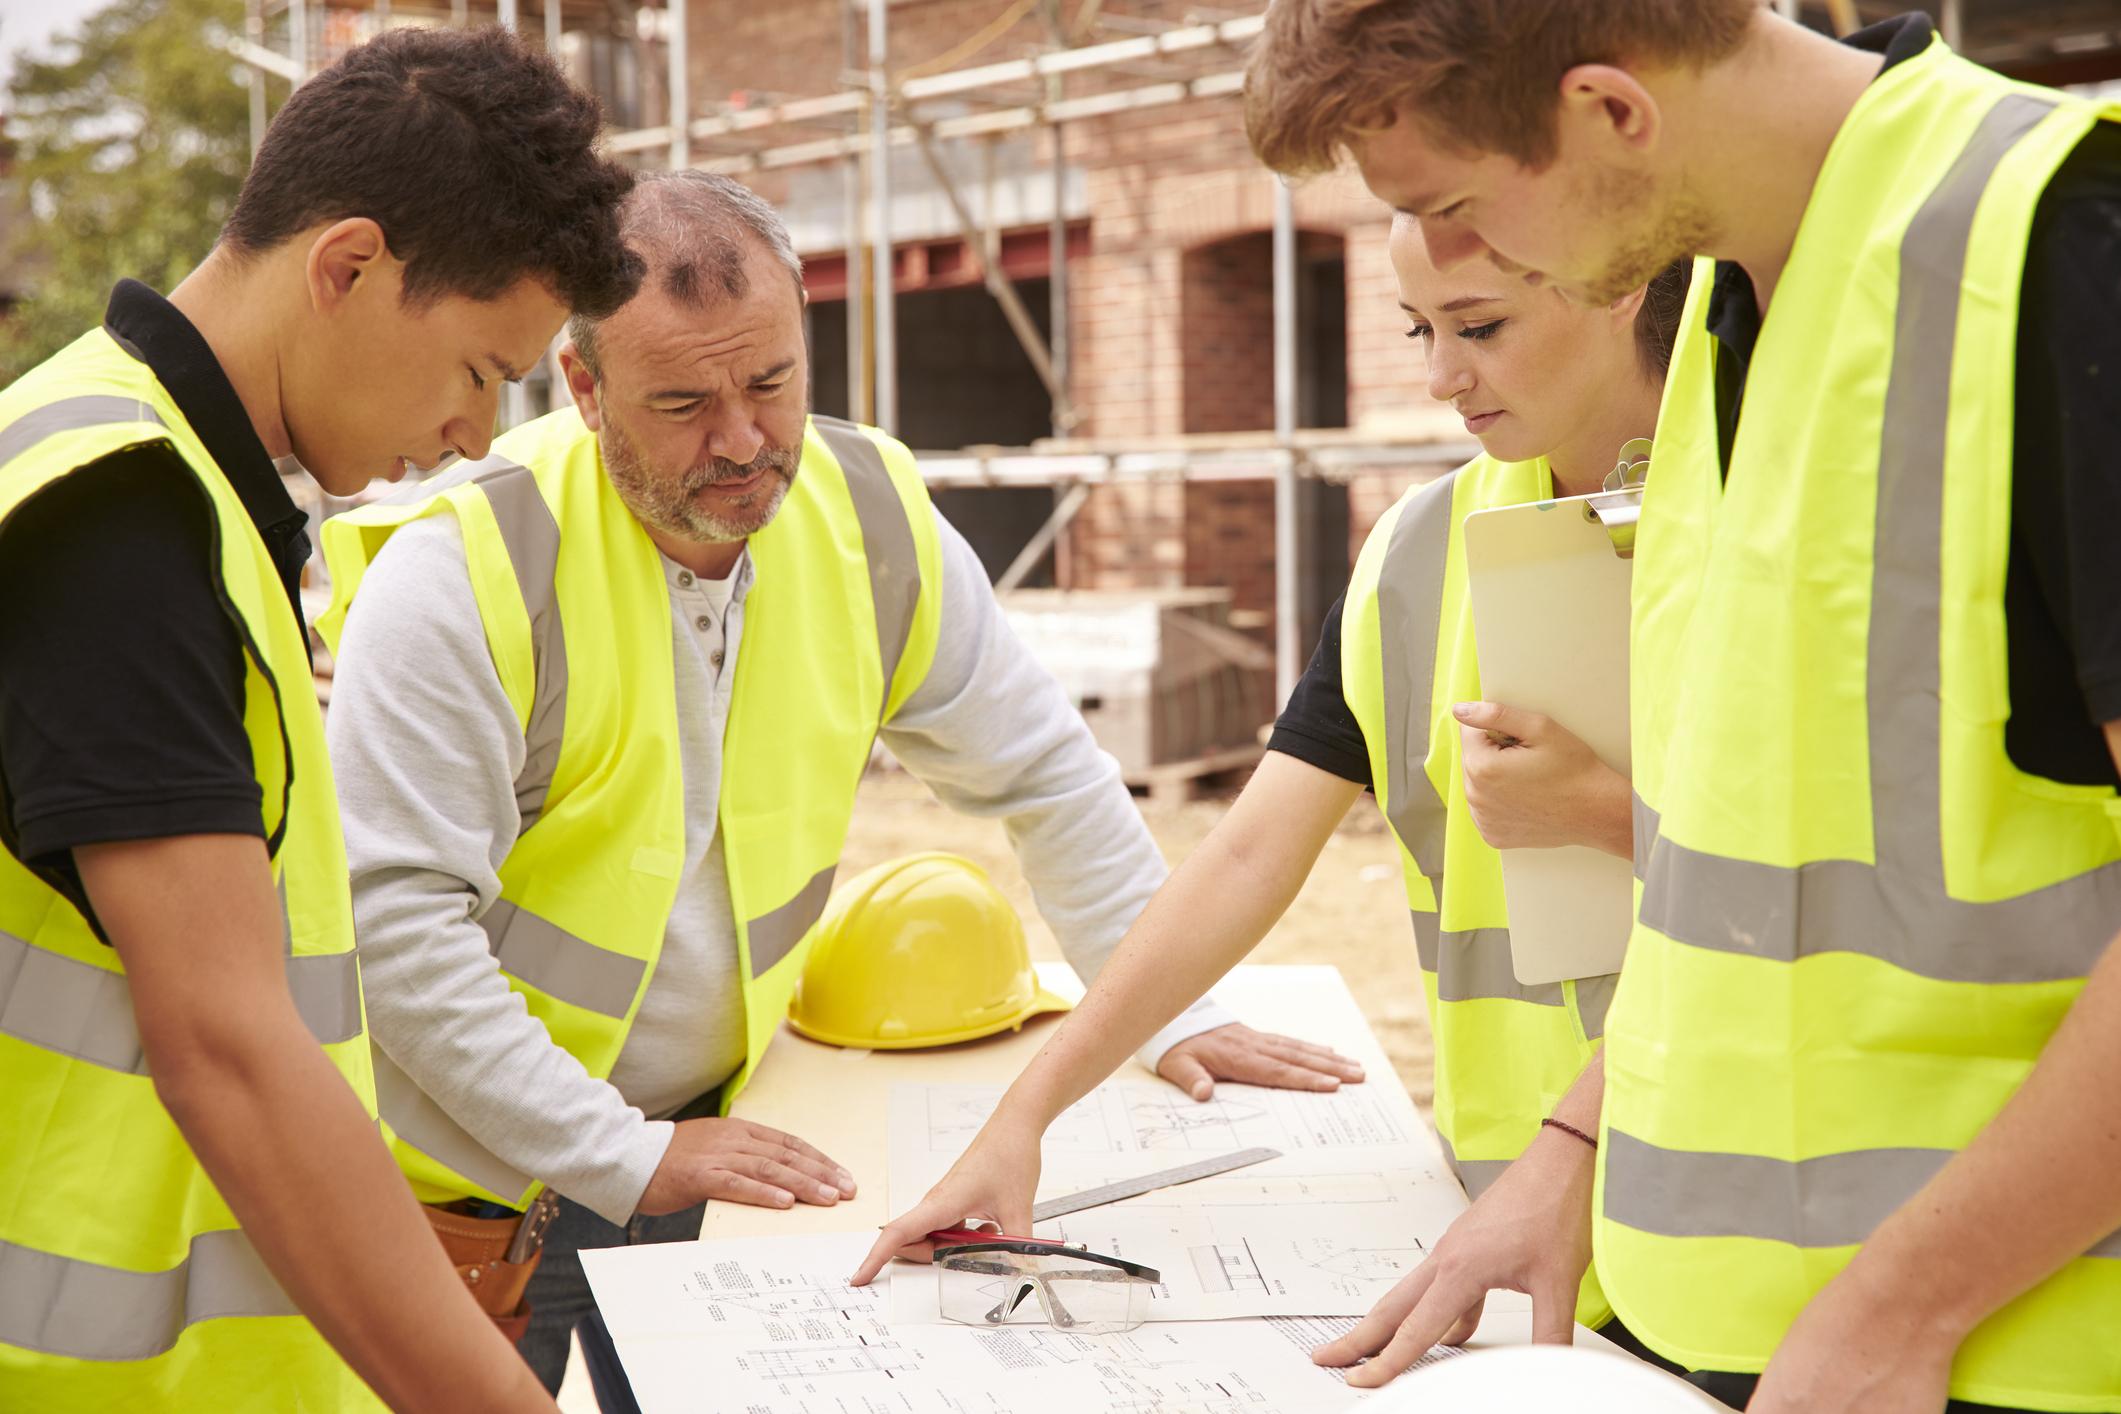 builder-auf-baustelle-diskutieren-arbeit-mit-apprenticejpg